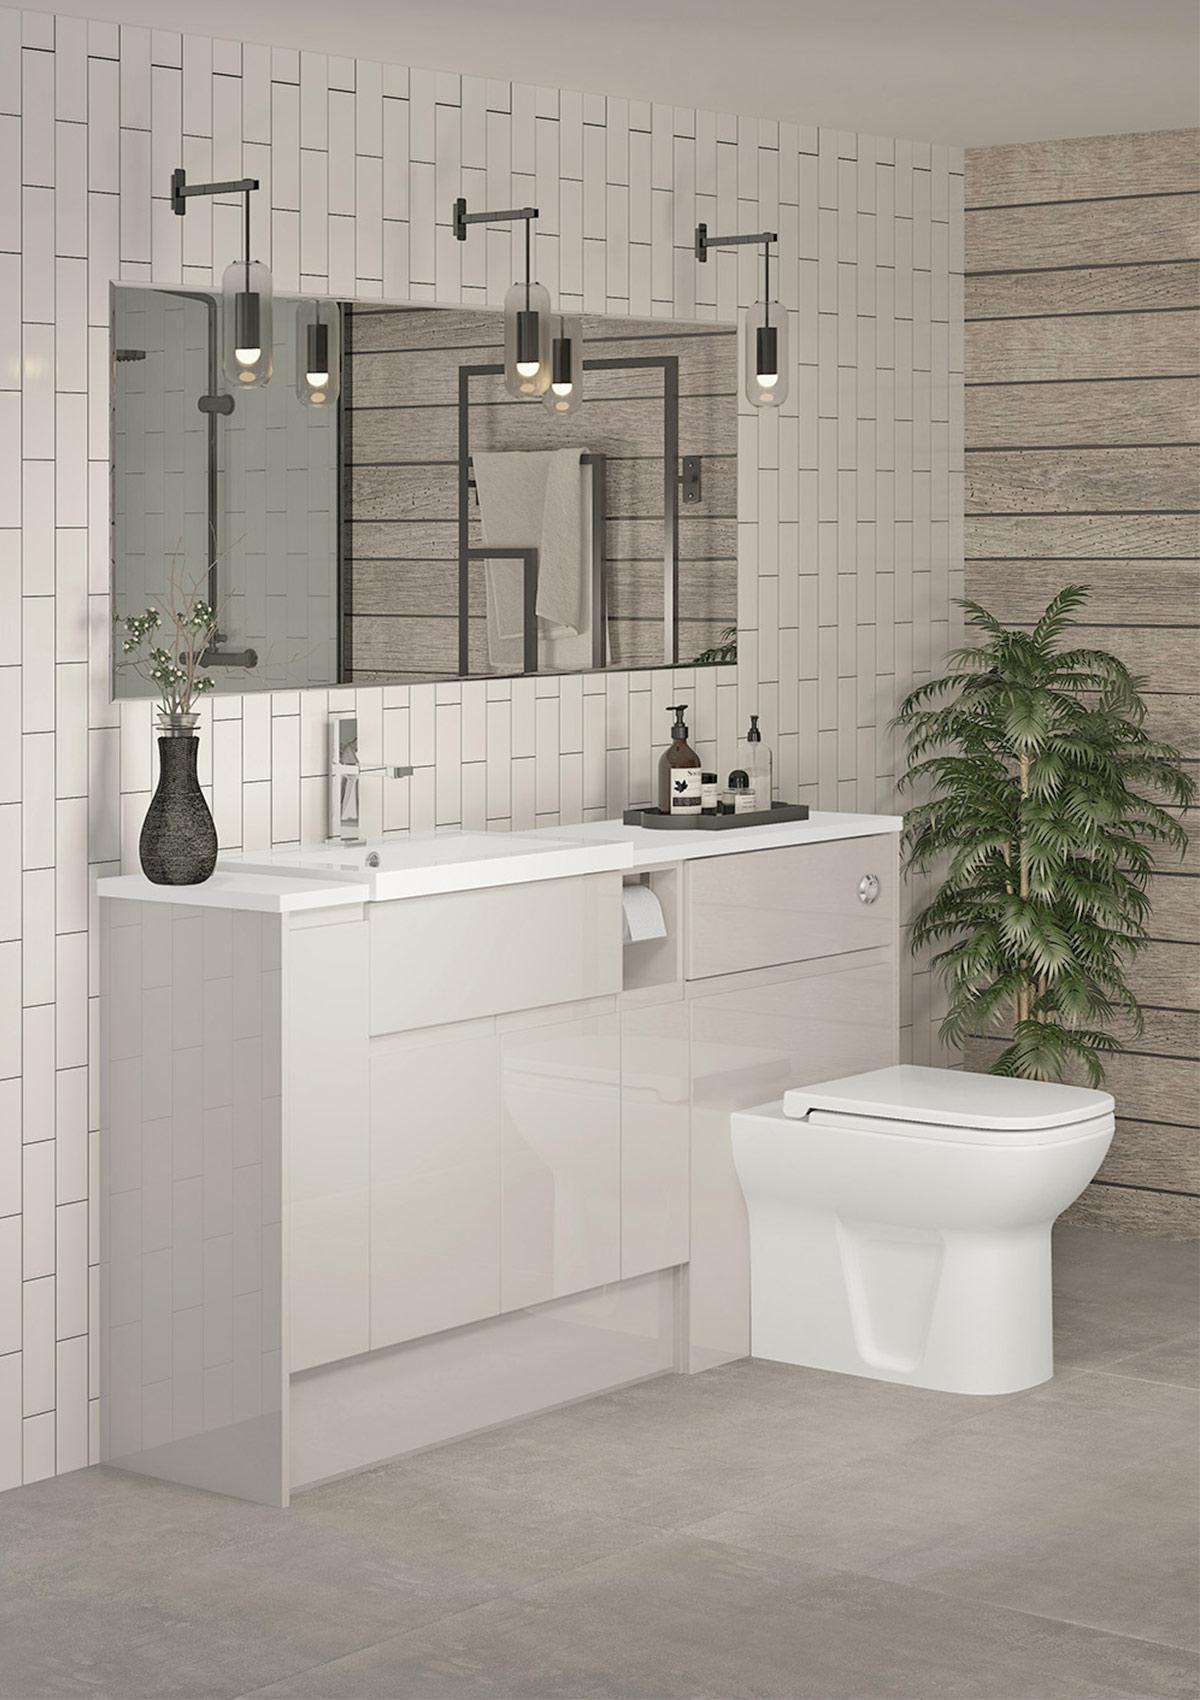 thiết kế nội thất phòng tắm đẹp